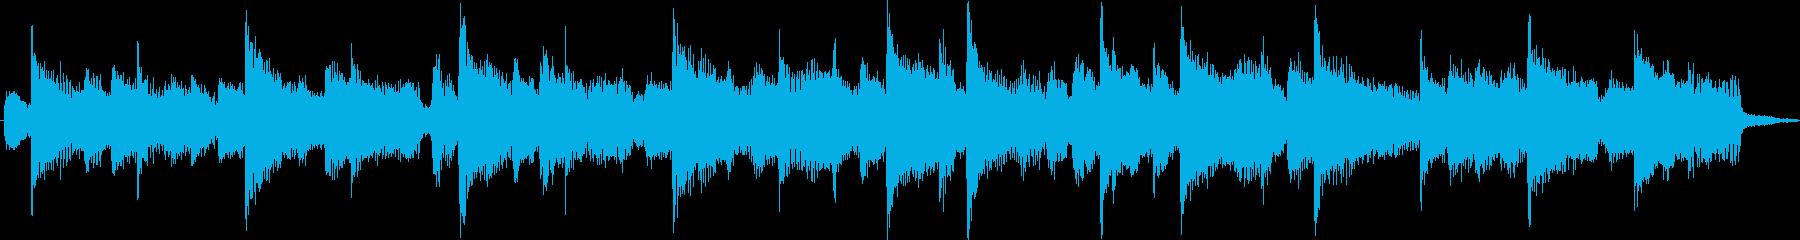 エレキギターが印象的な哀しいジングルの再生済みの波形